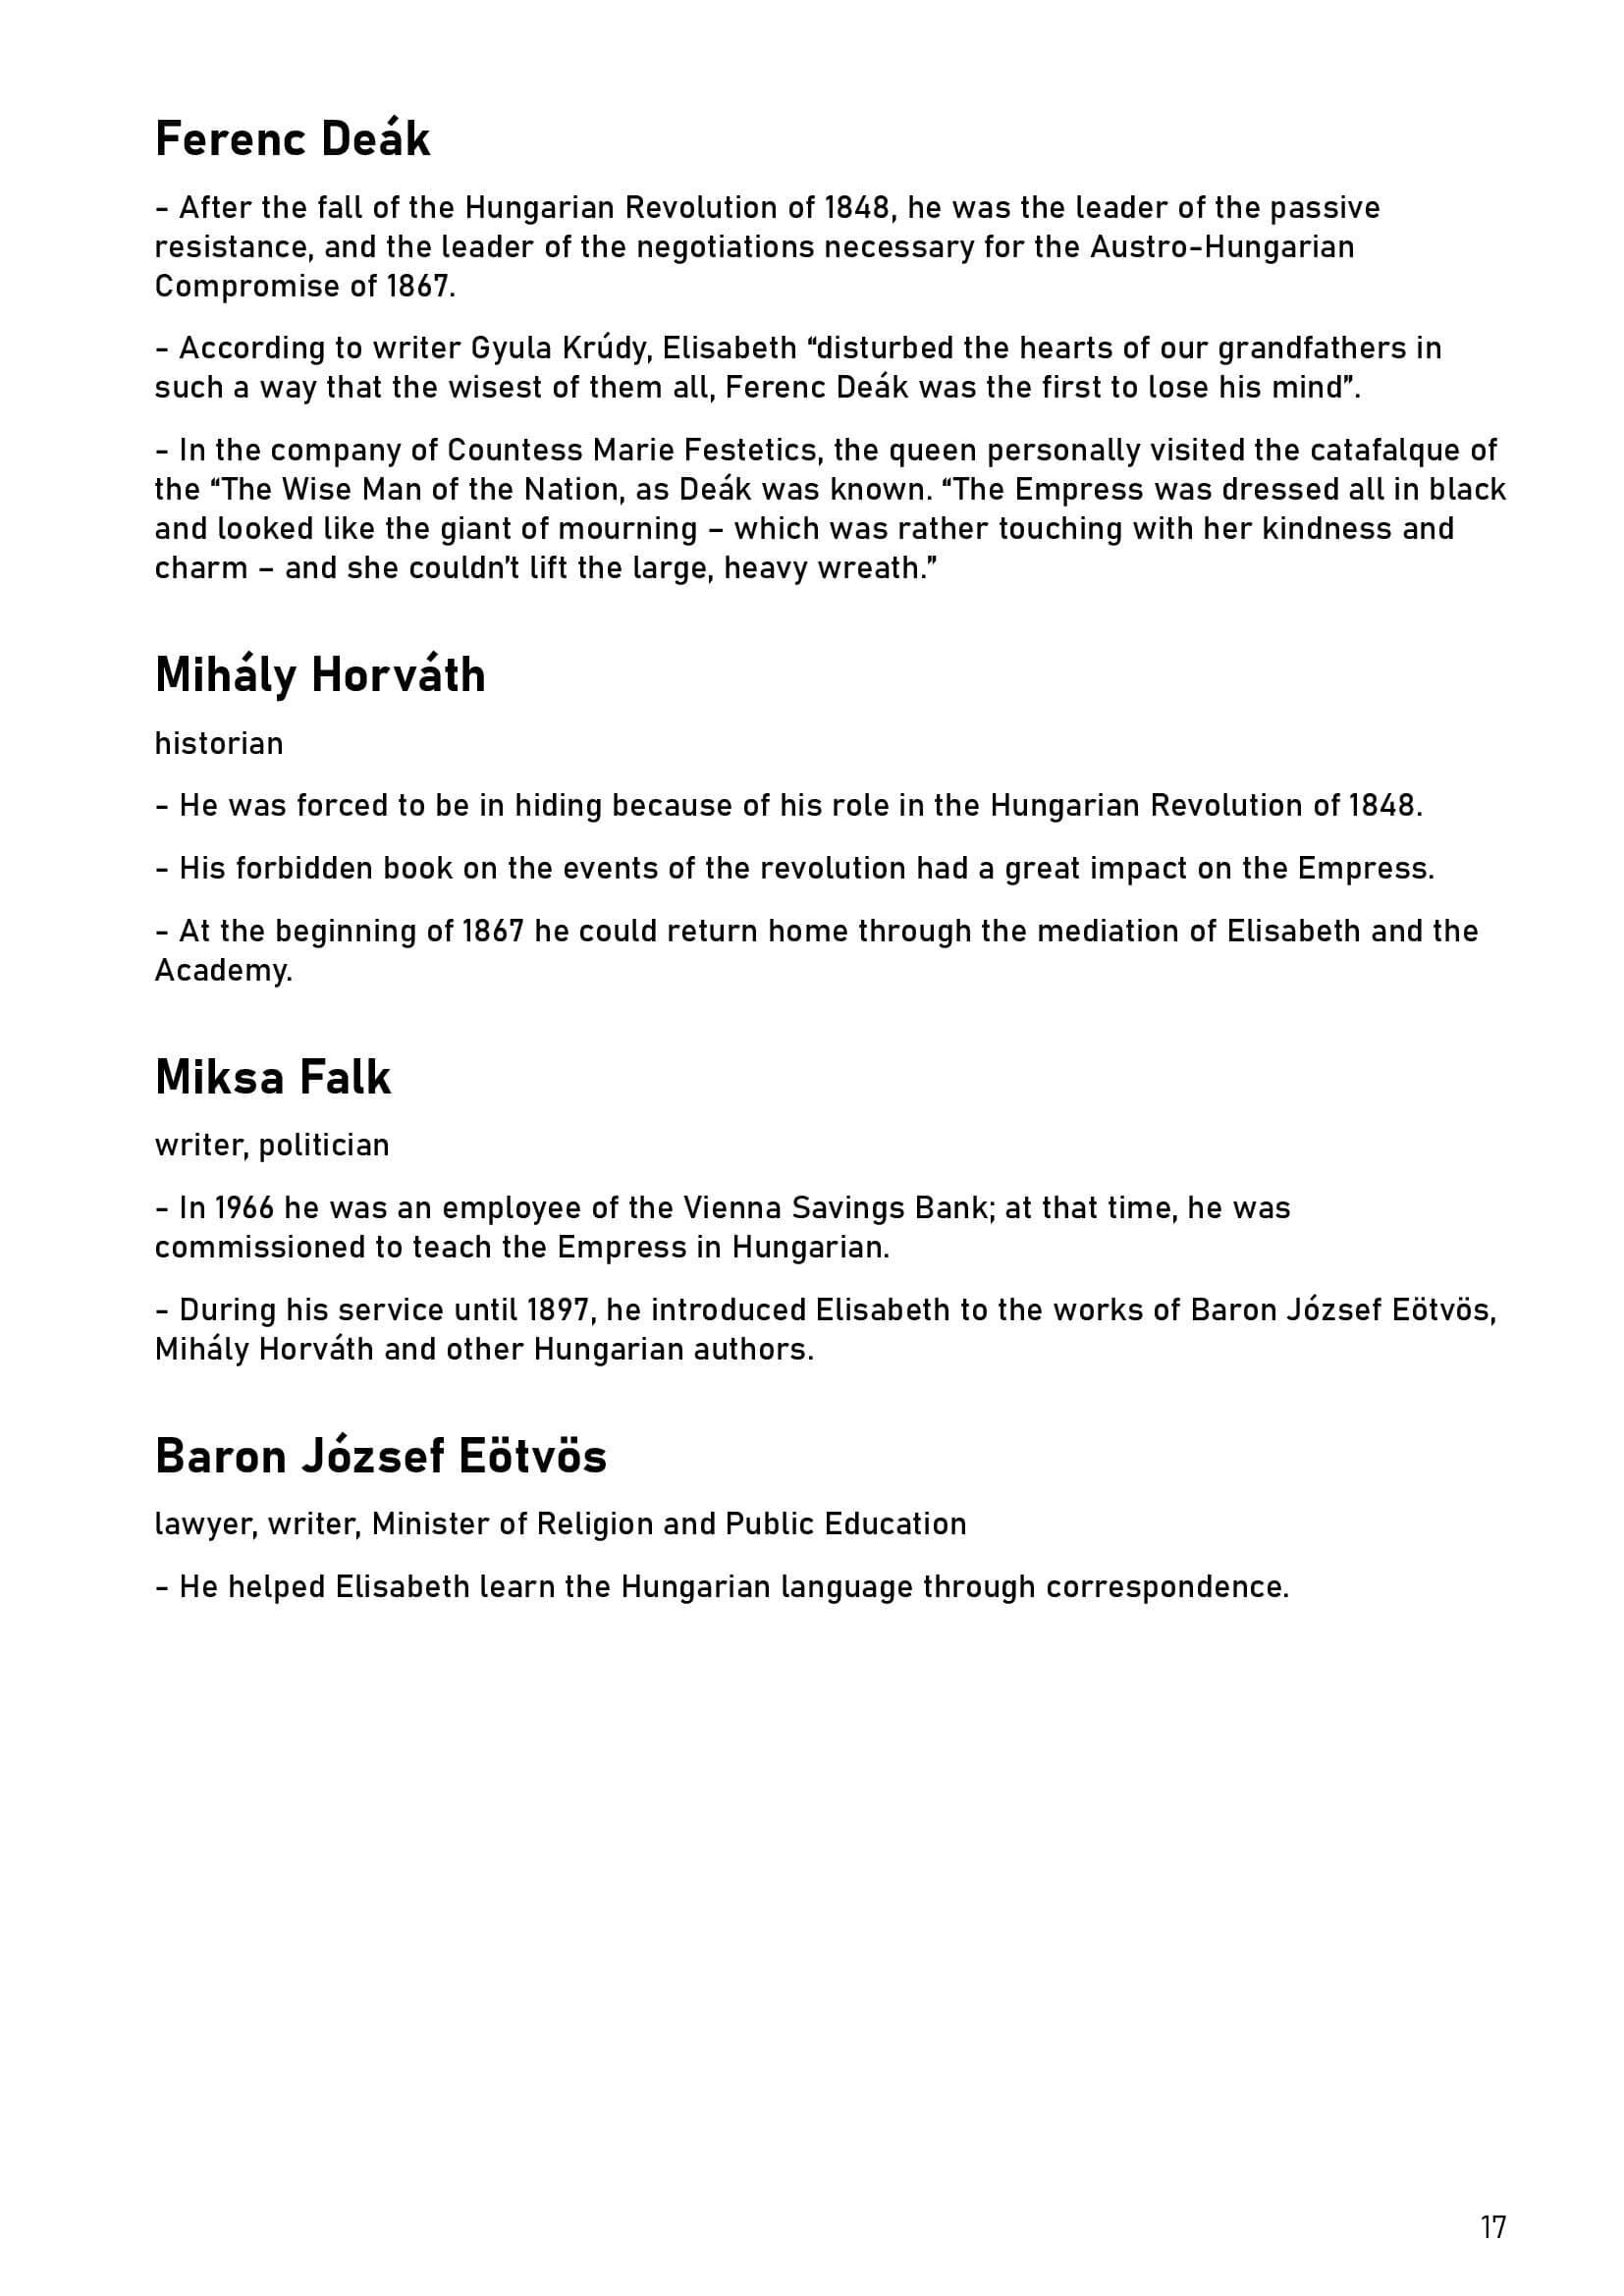 Sisi English guide_00017